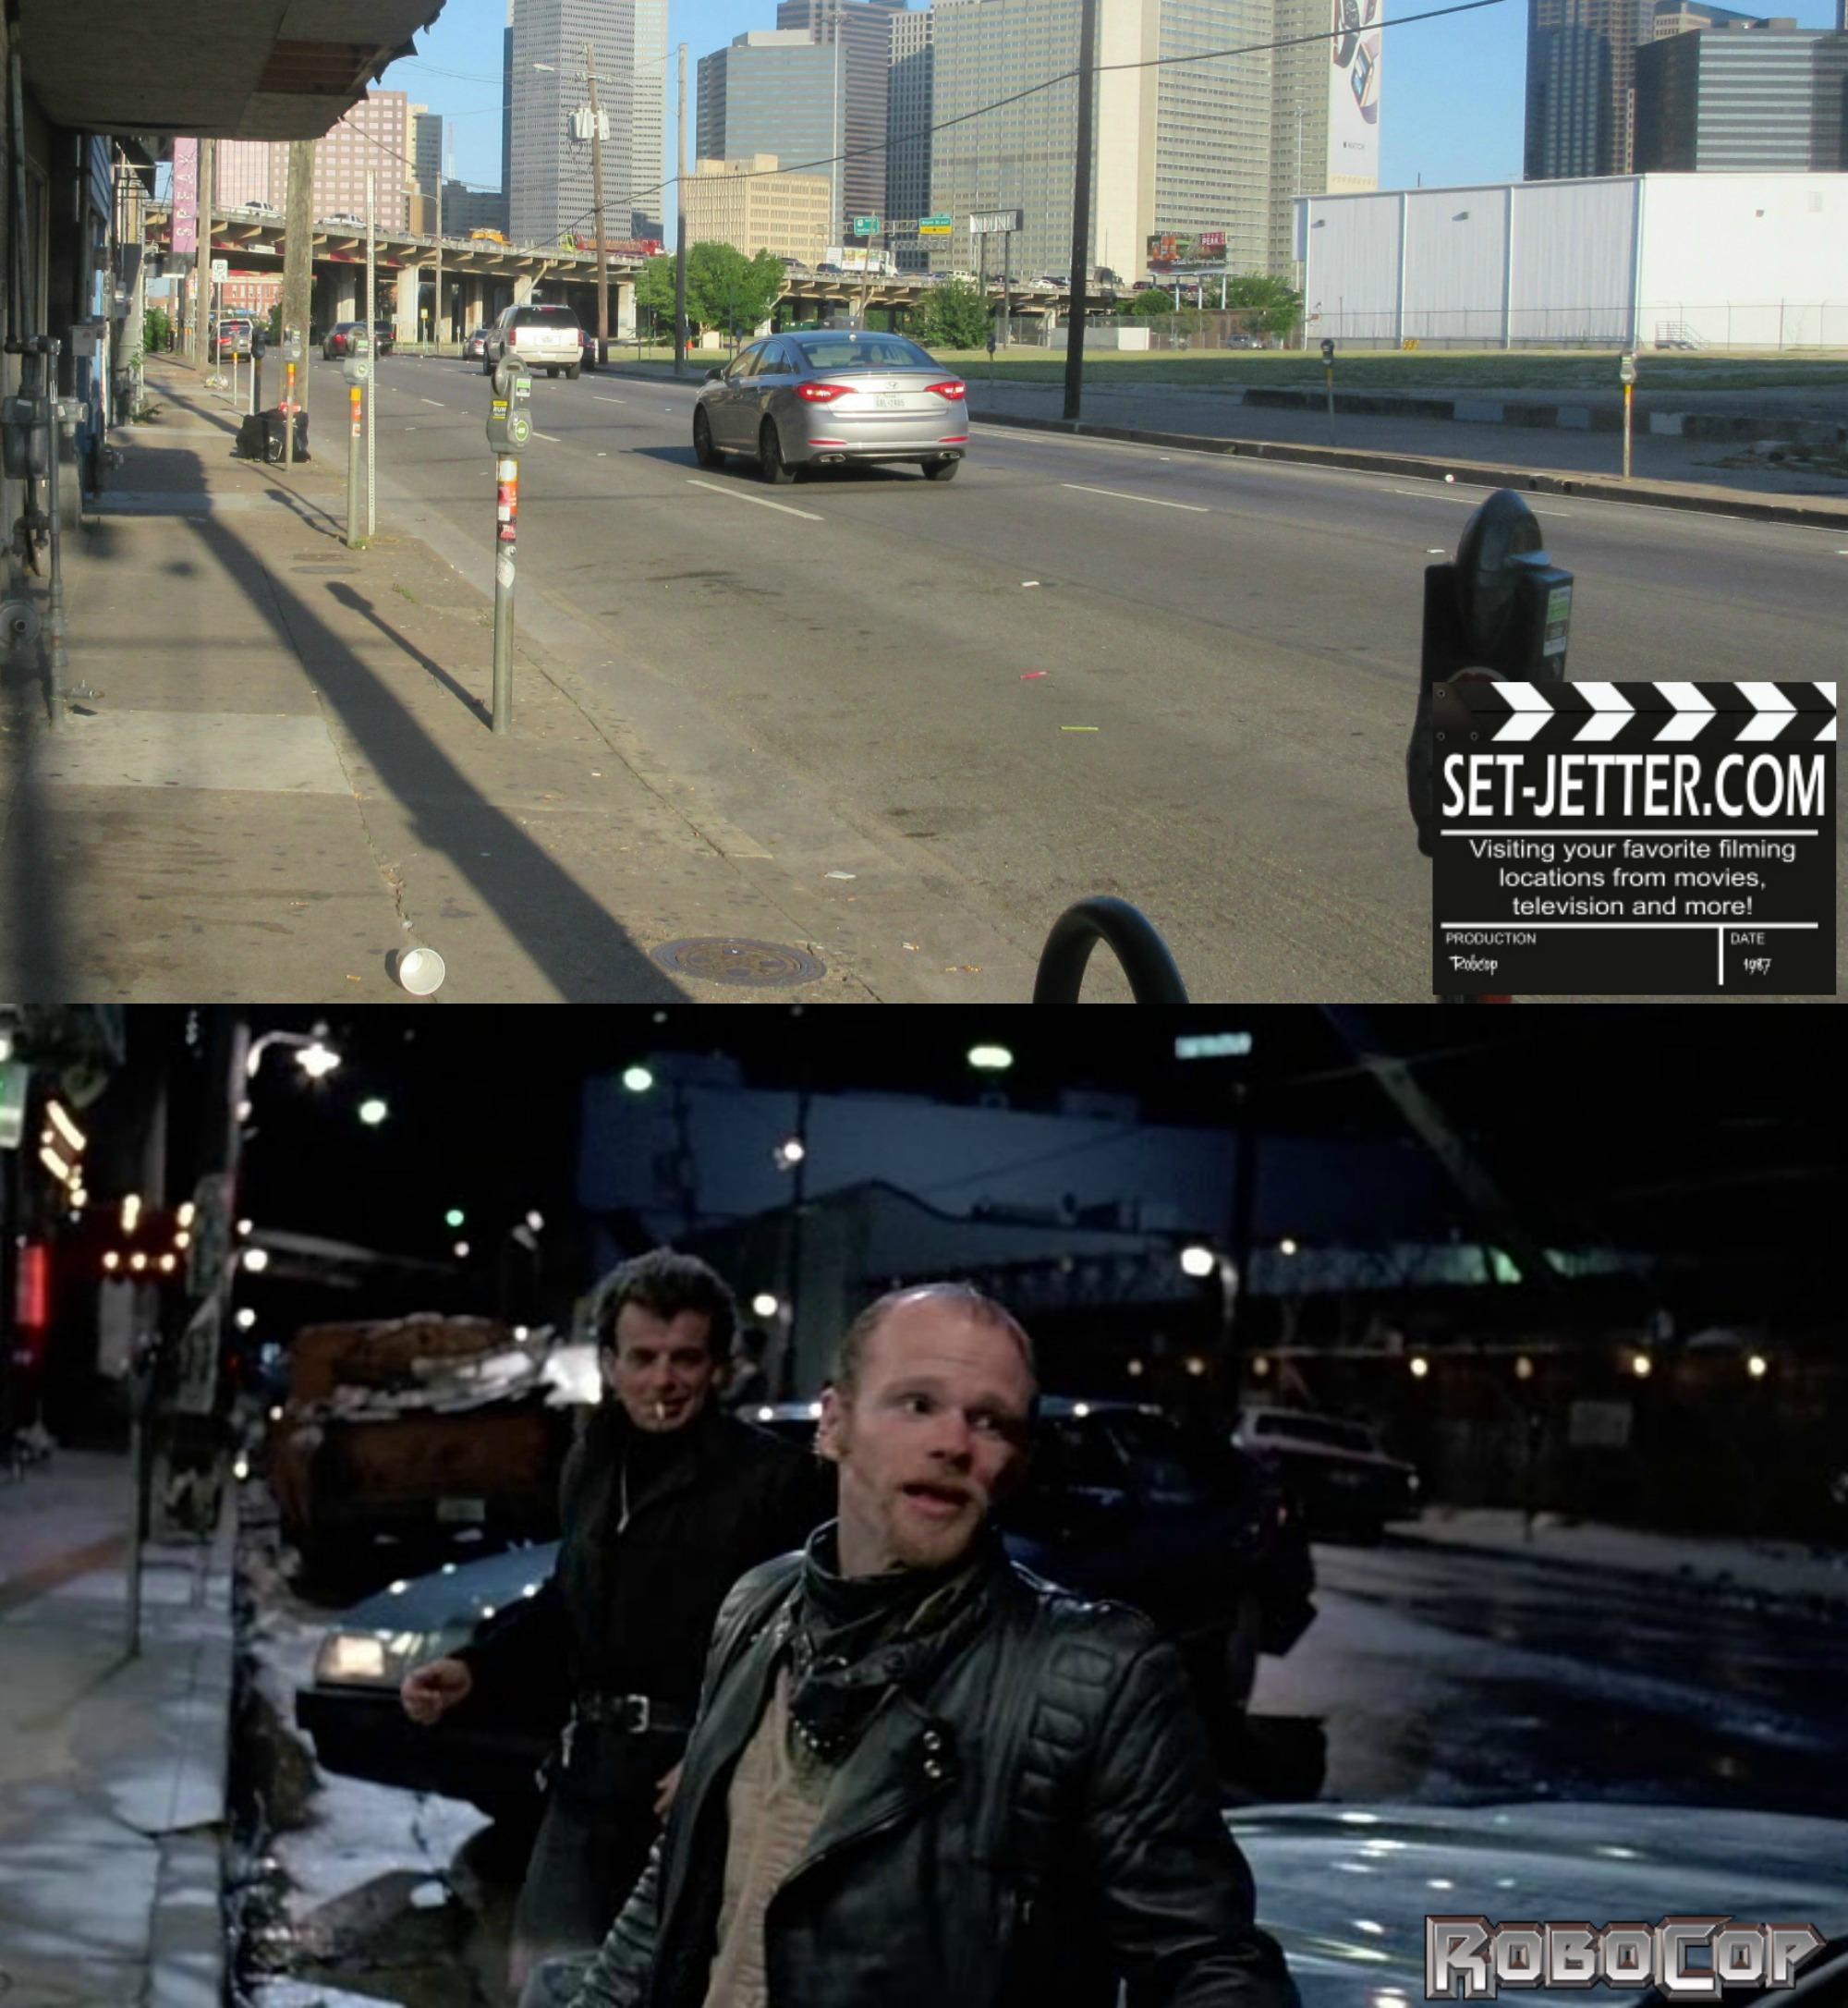 Robocop comparison 127.jpg